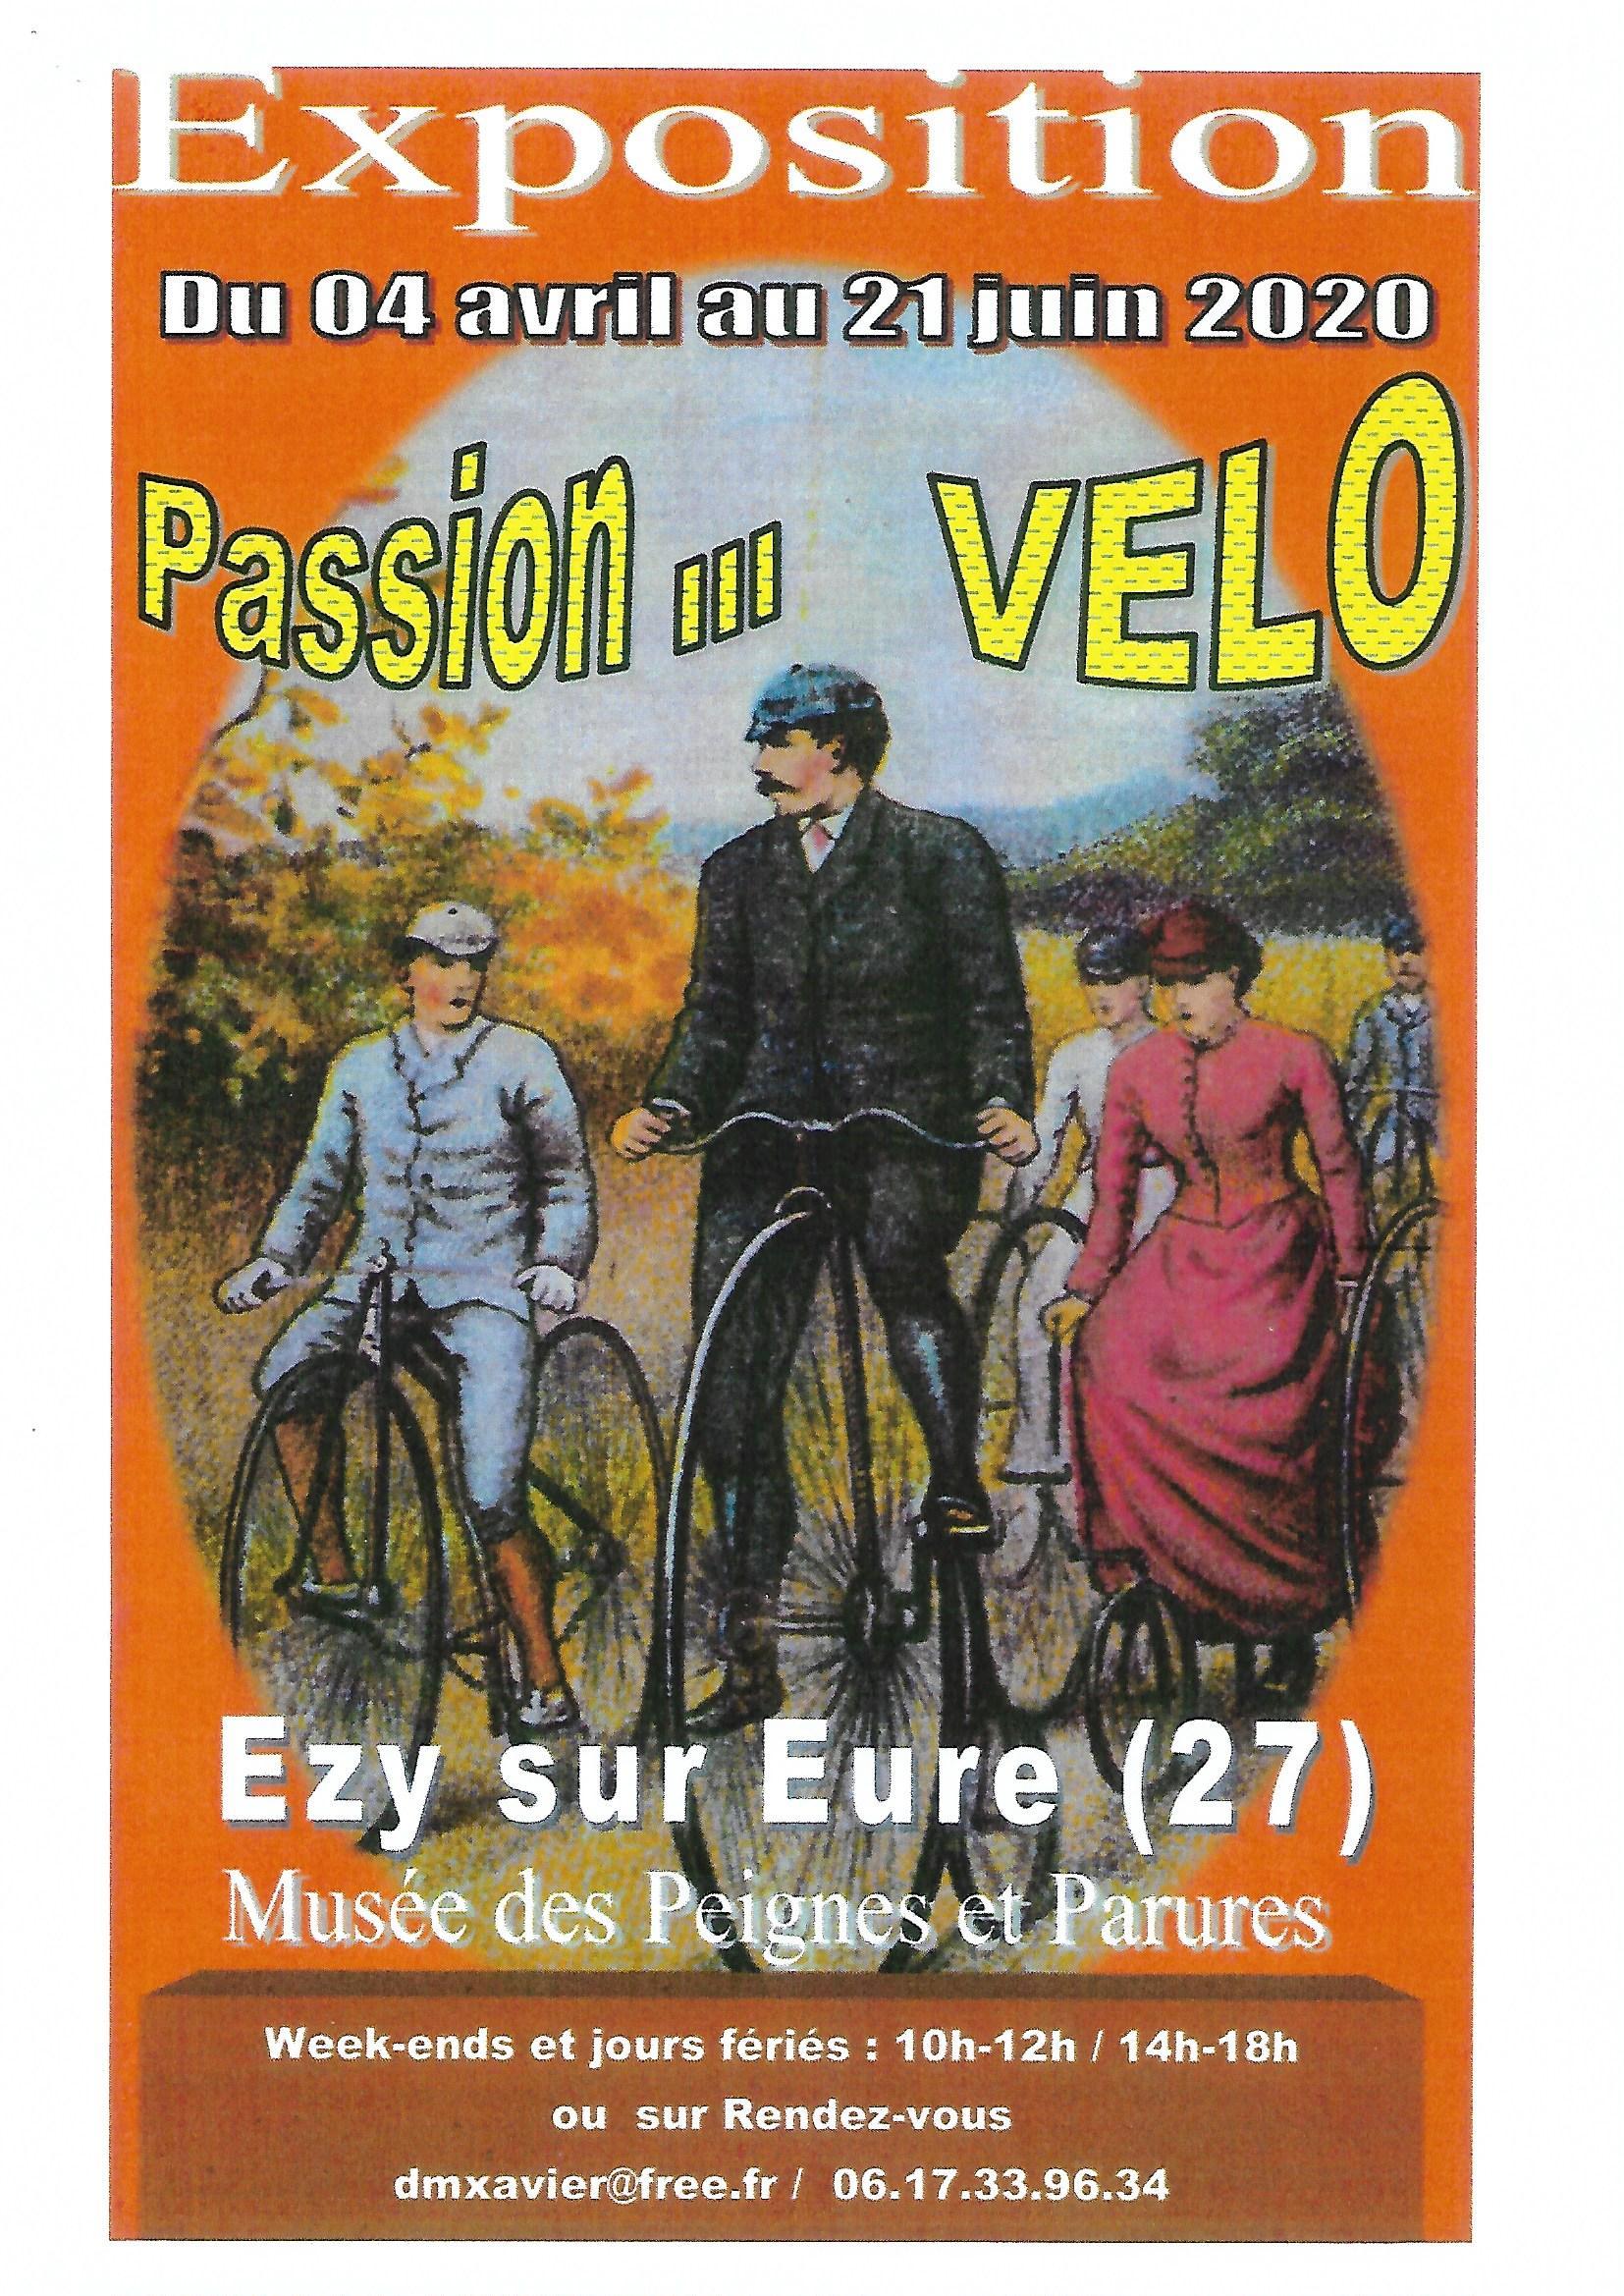 Passion vélo 2020 affiche.jpg